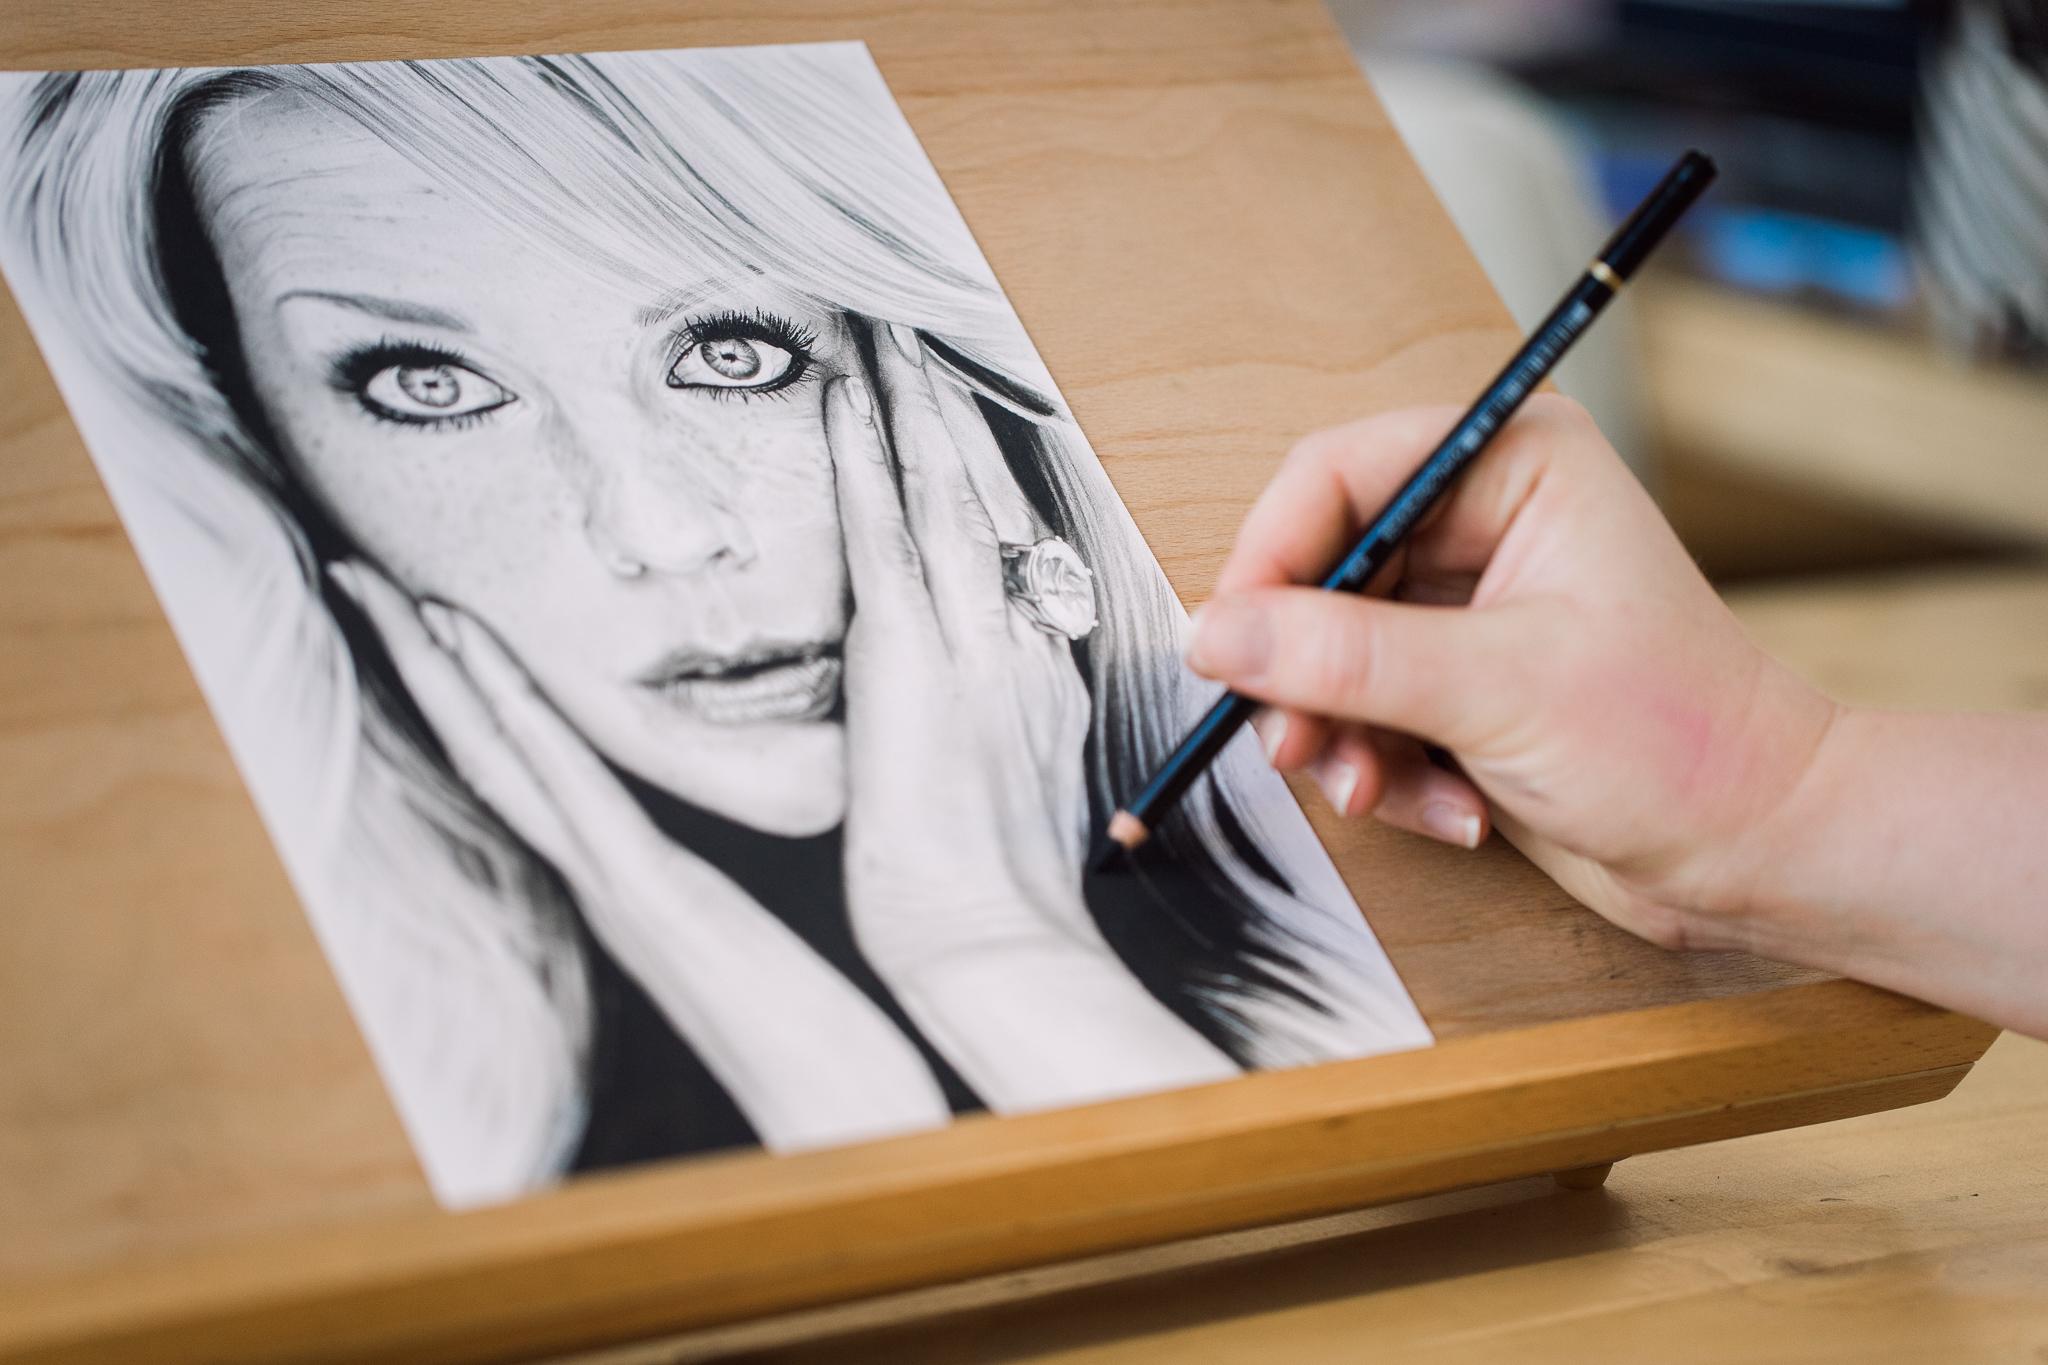 Hoe maak je zwarte details in je tekening?